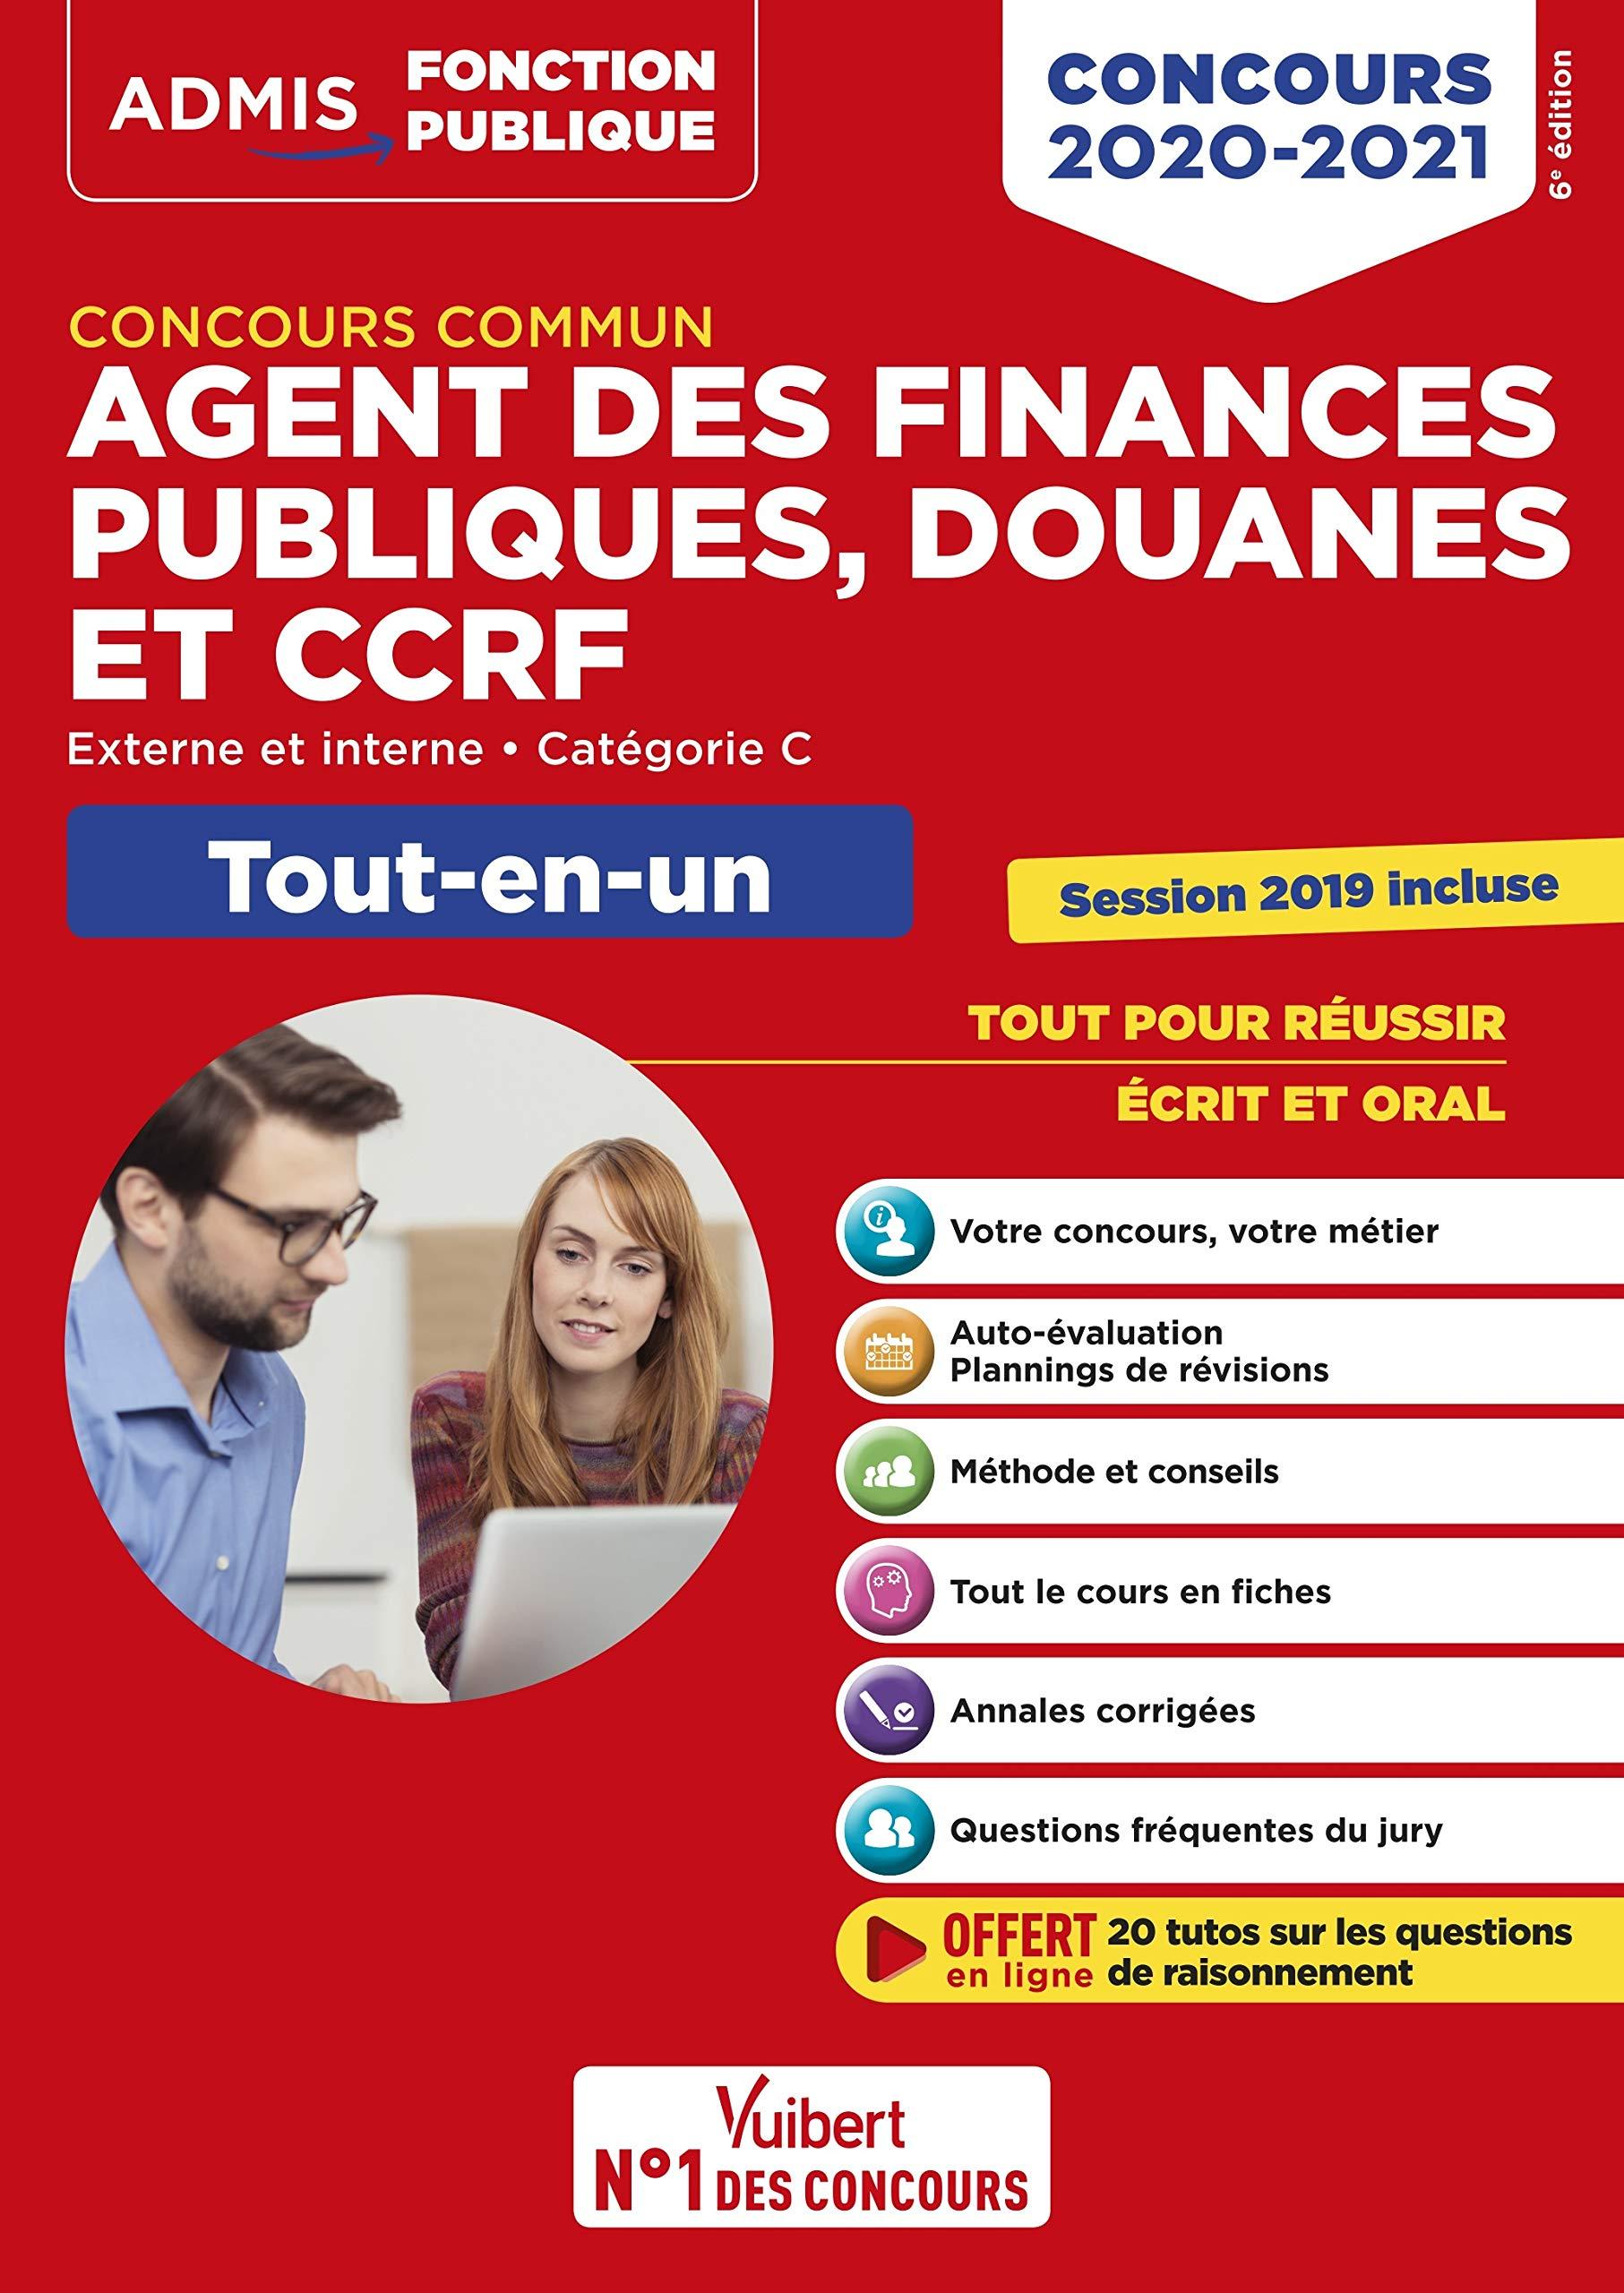 Concours commun Agent des finances publiques, douanes et CCRF - Catégorie C - Tout-en-un - Externe et interne - 2020-2021